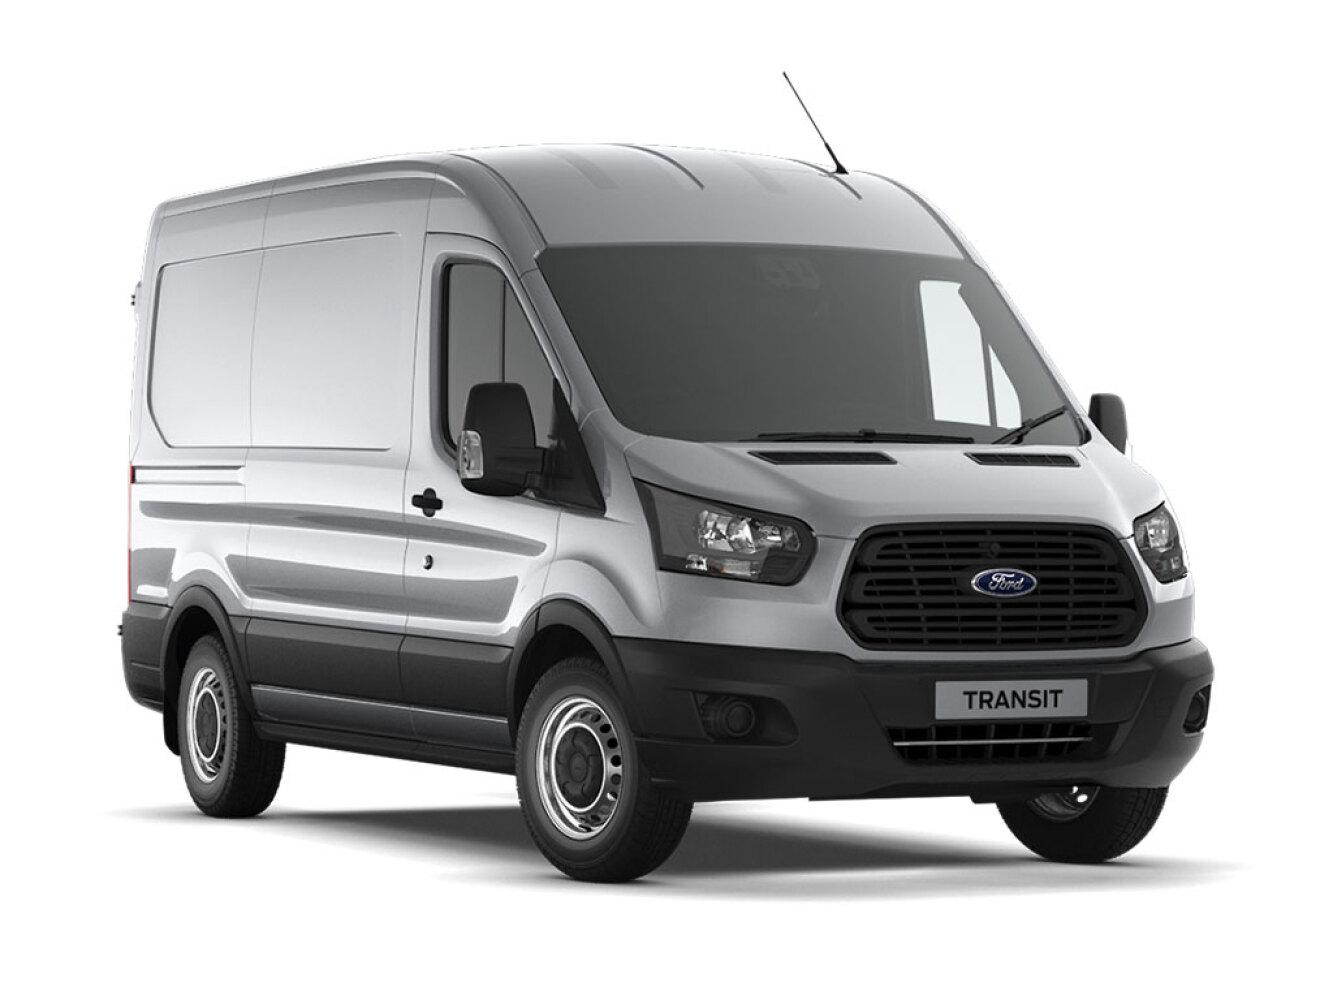 new ford transit 290 l2 diesel fwd 2 0 tdci 105ps h2 van. Black Bedroom Furniture Sets. Home Design Ideas